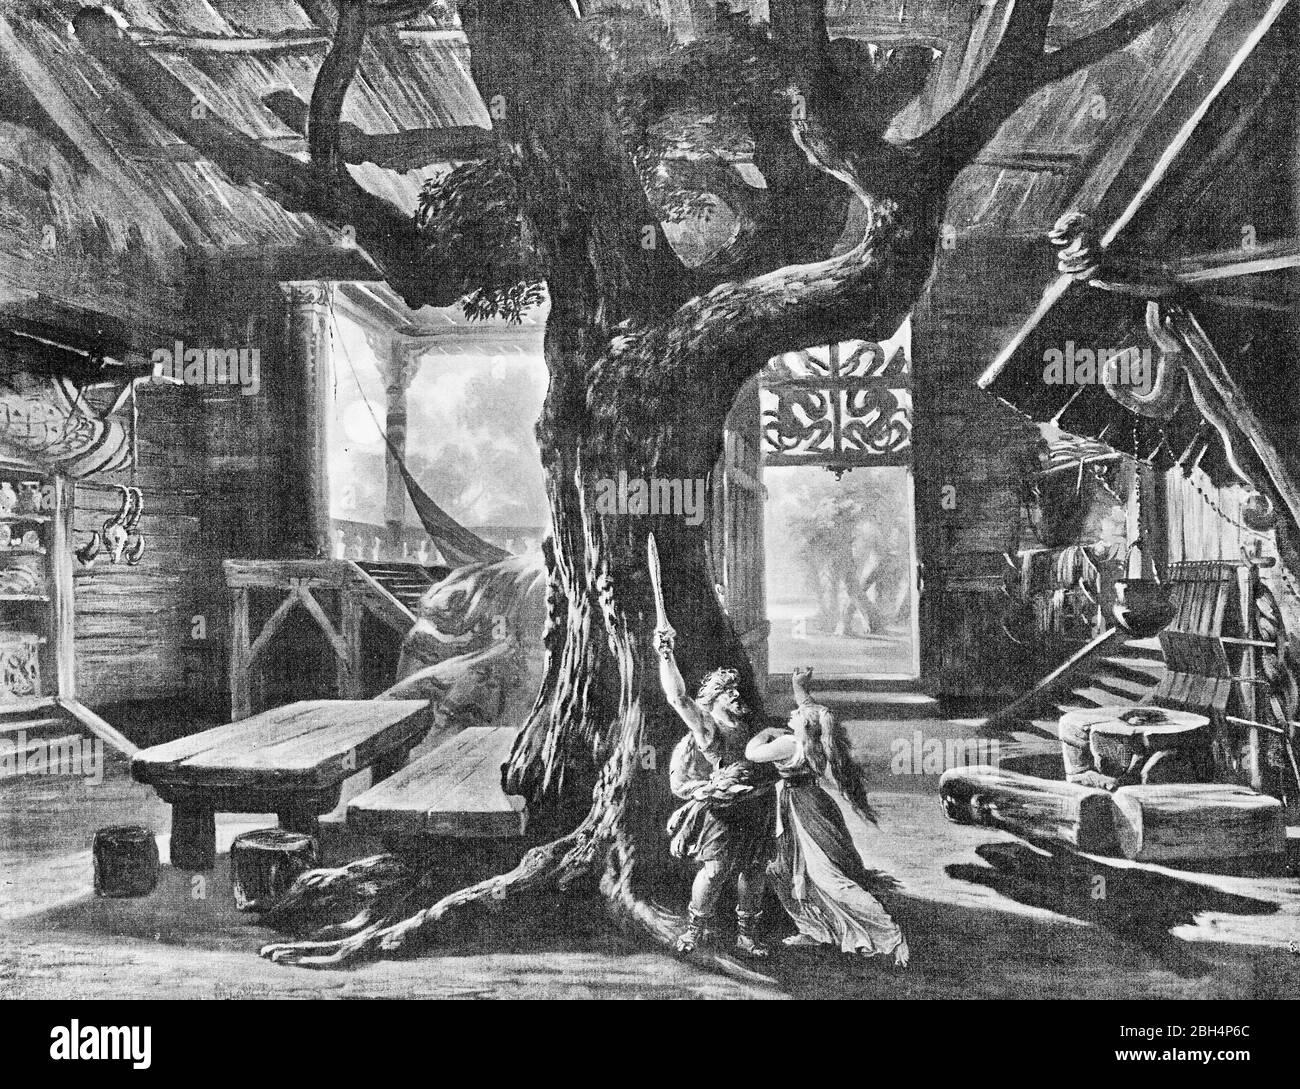 Il s'agit d'une photographie monochrome prise des 14 dessins de Hoffman (numéro 4) pour l'opéra Der Ring des Nibelungen de Wagner en 1876. Banque D'Images